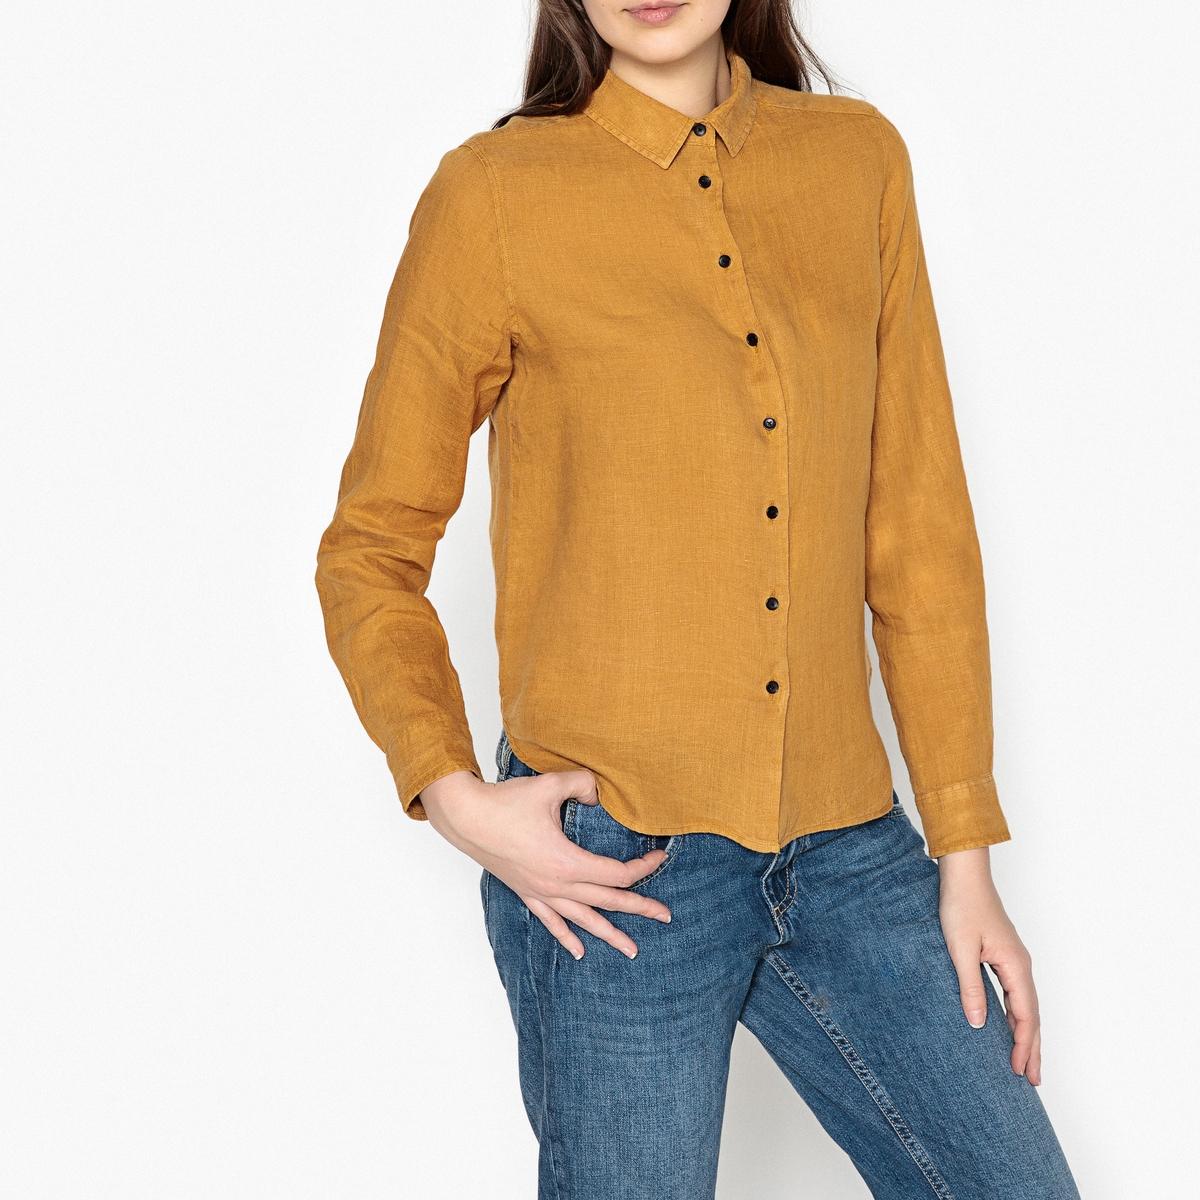 Рубашка прямая из льна LINDA рубашка harris wilson harris wilson ha019emqpi74